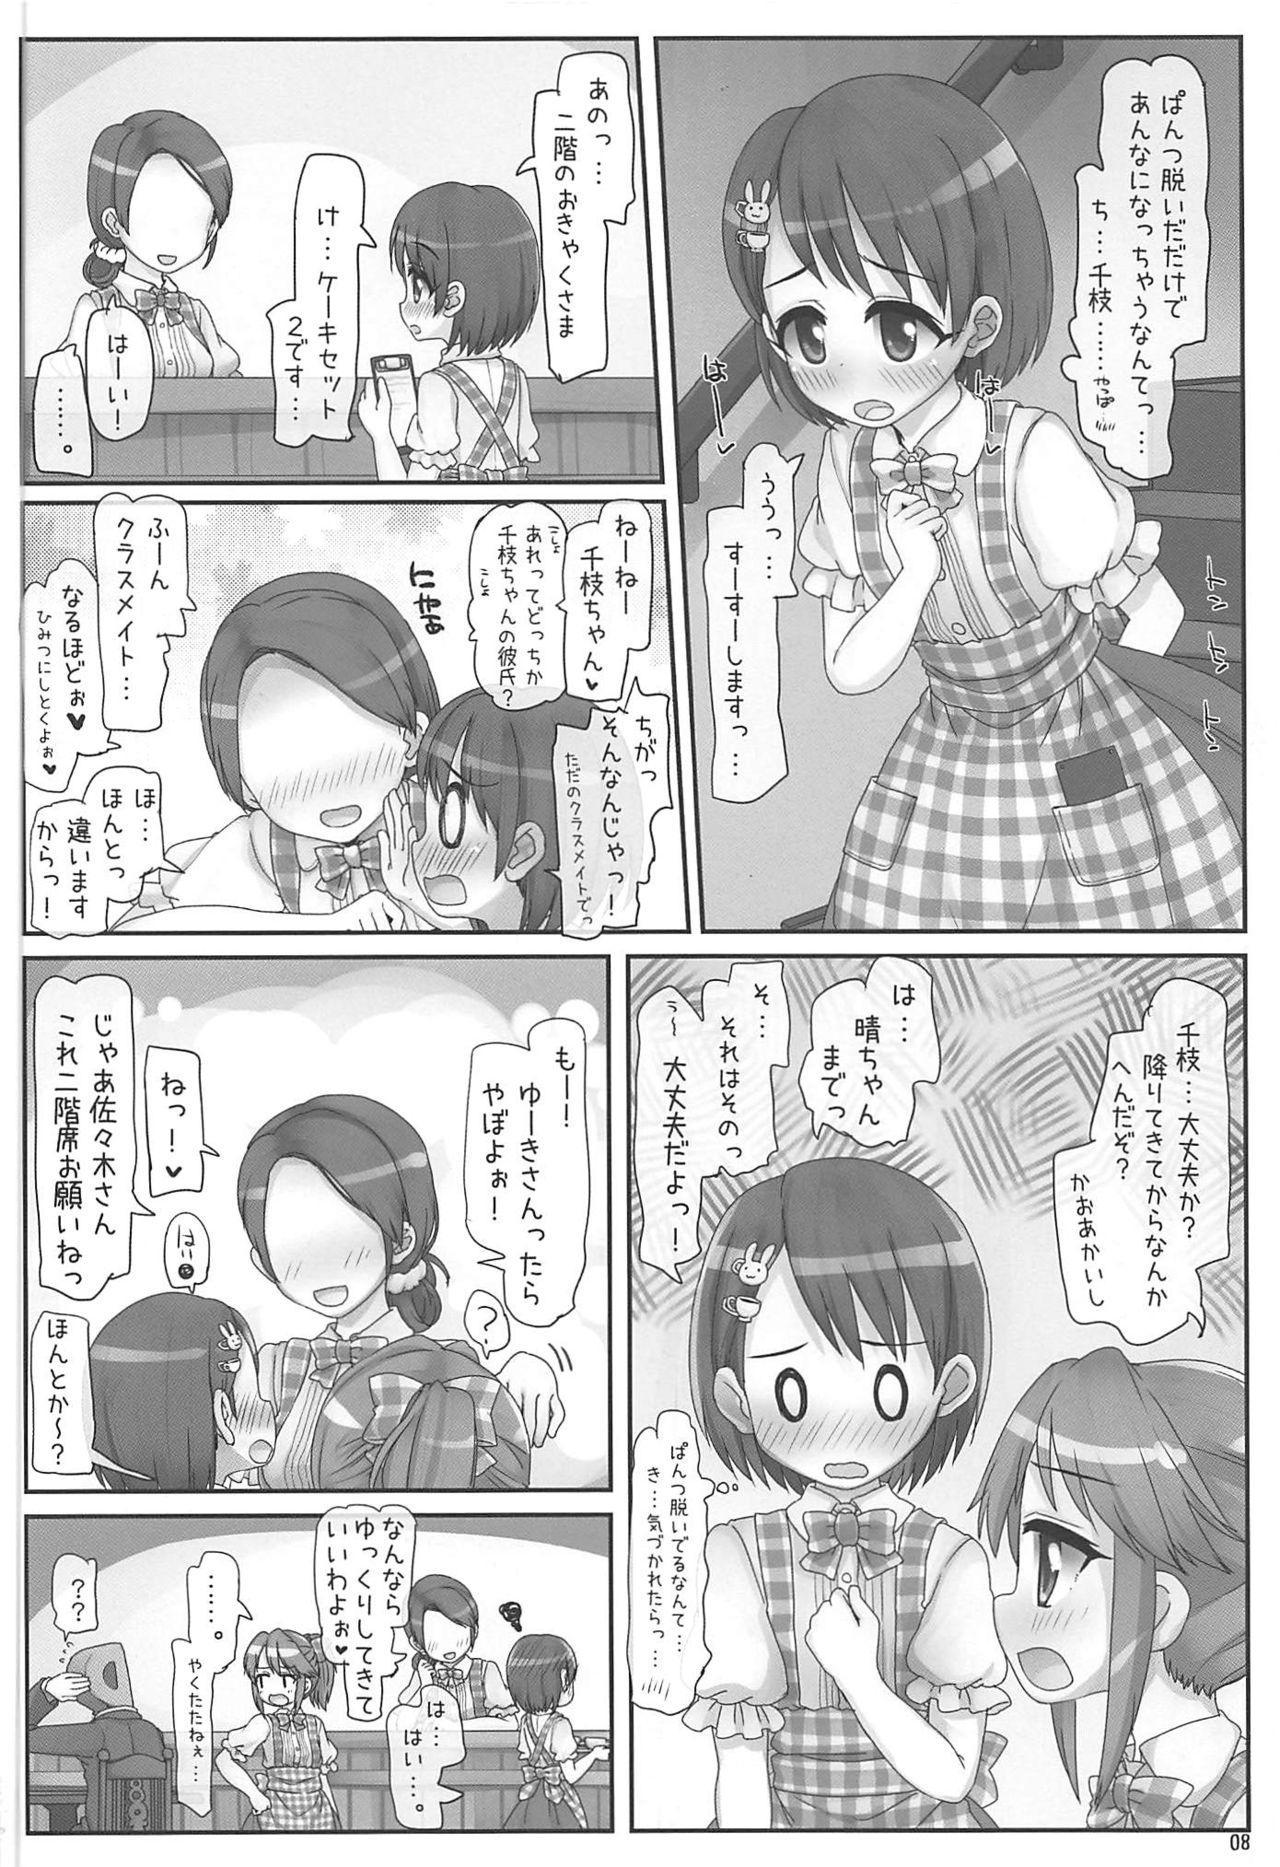 Oshigoto Ganbaru Kimi ga Suki 6